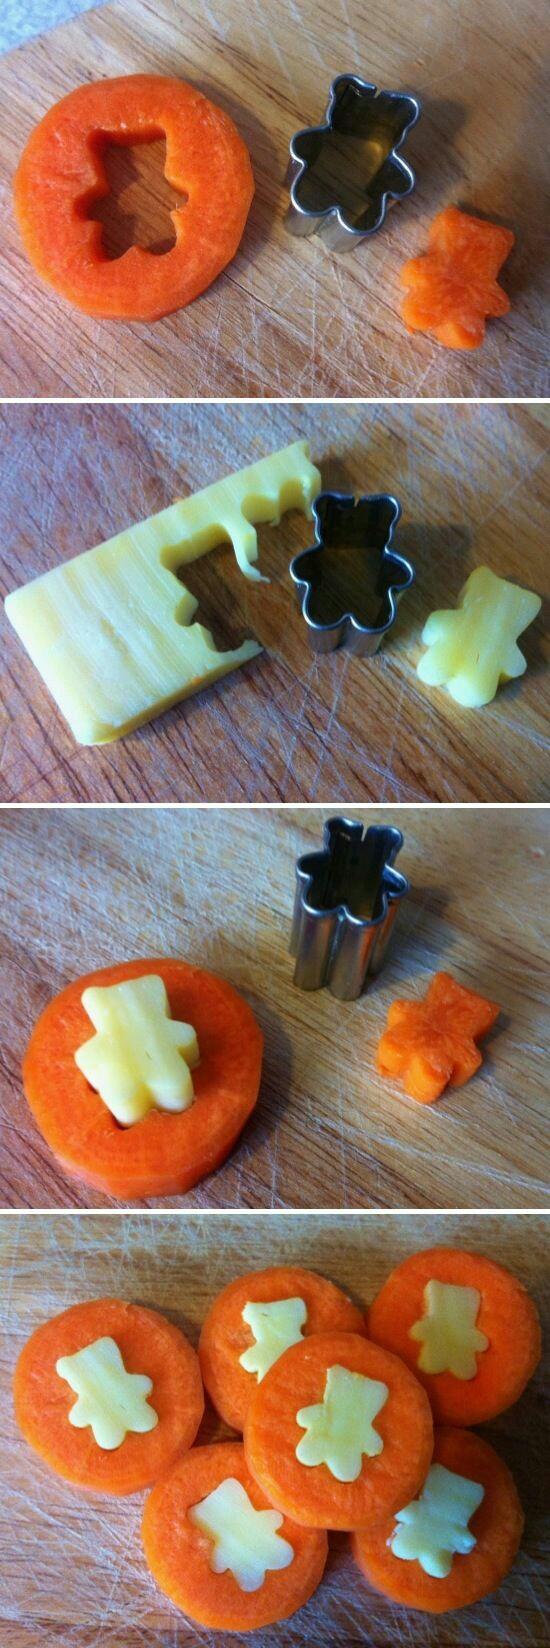 gesunde Snacks für Kindergärten